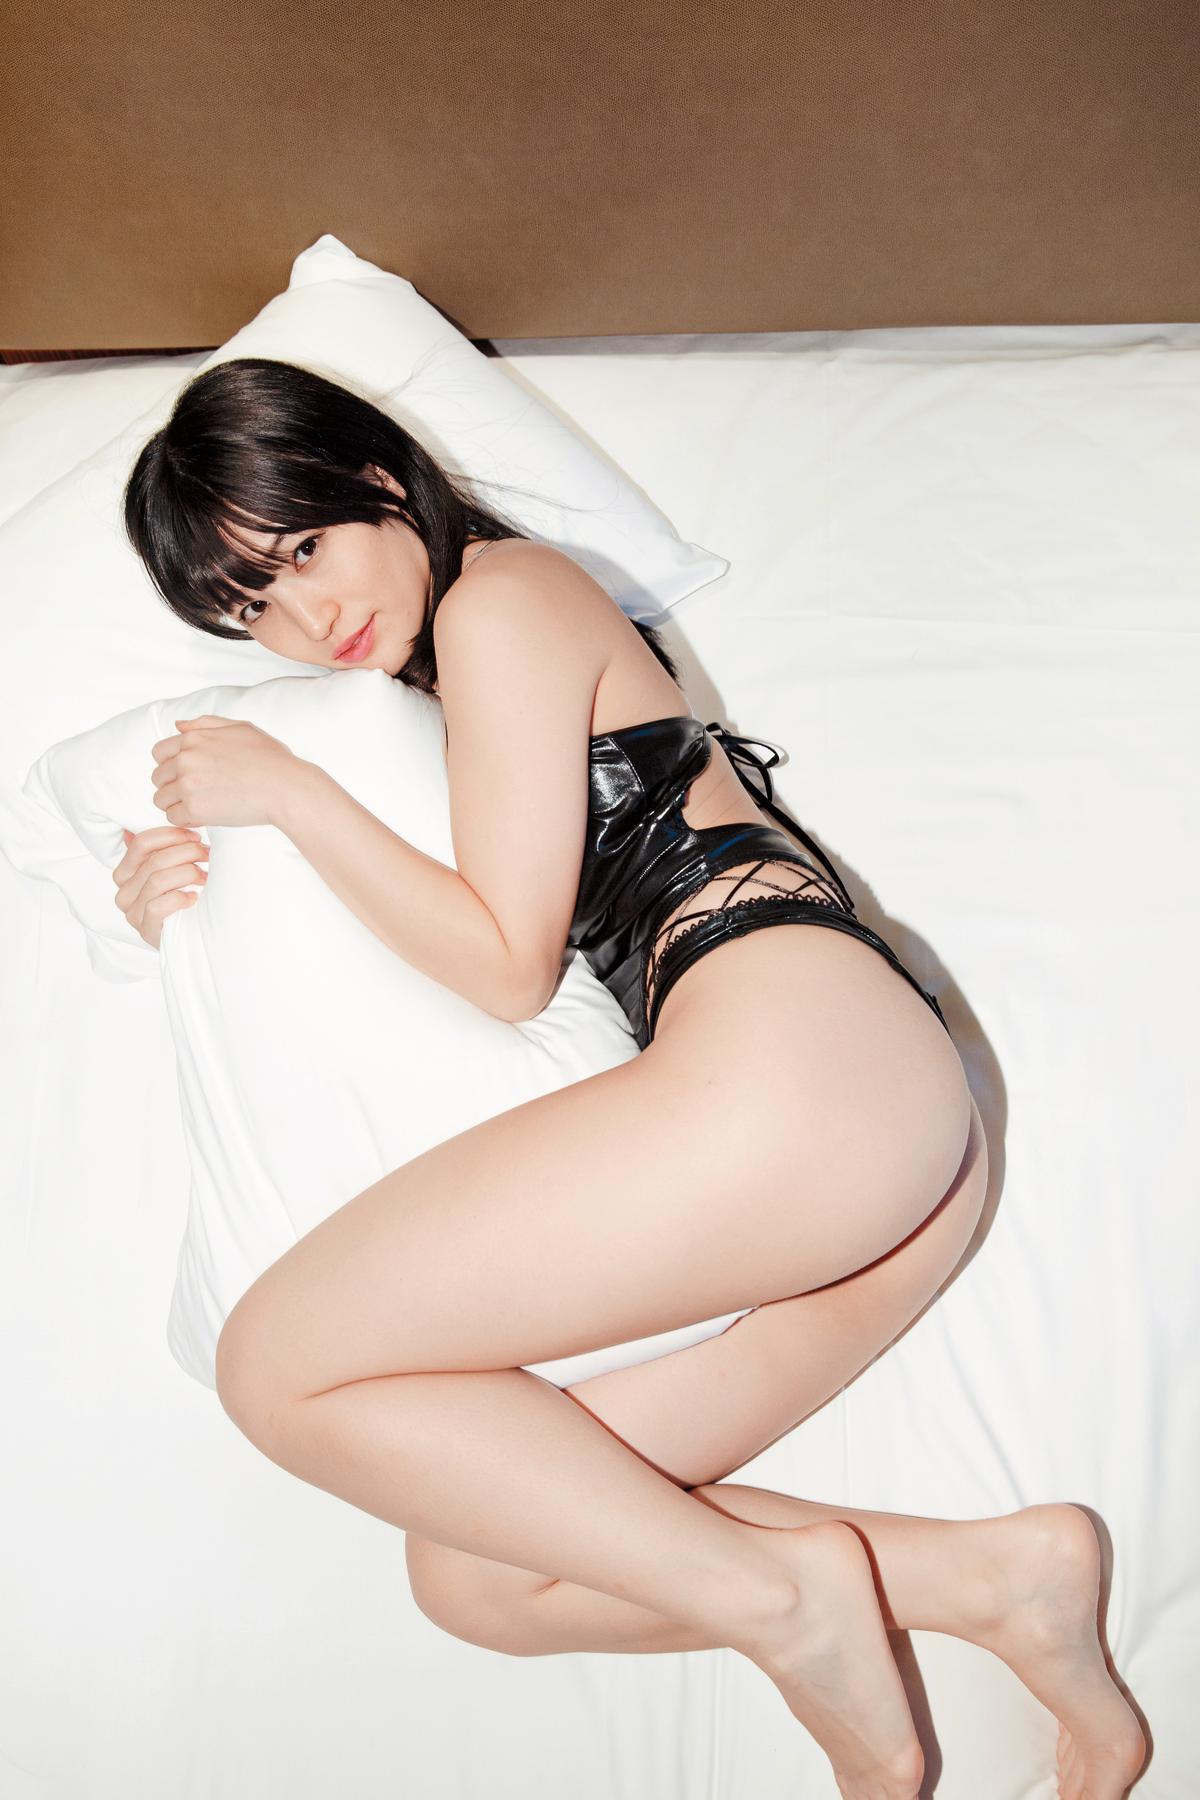 高橋聖子自曝1天自慰2次,早、晚各1次,睡覺時喜歡裸睡。